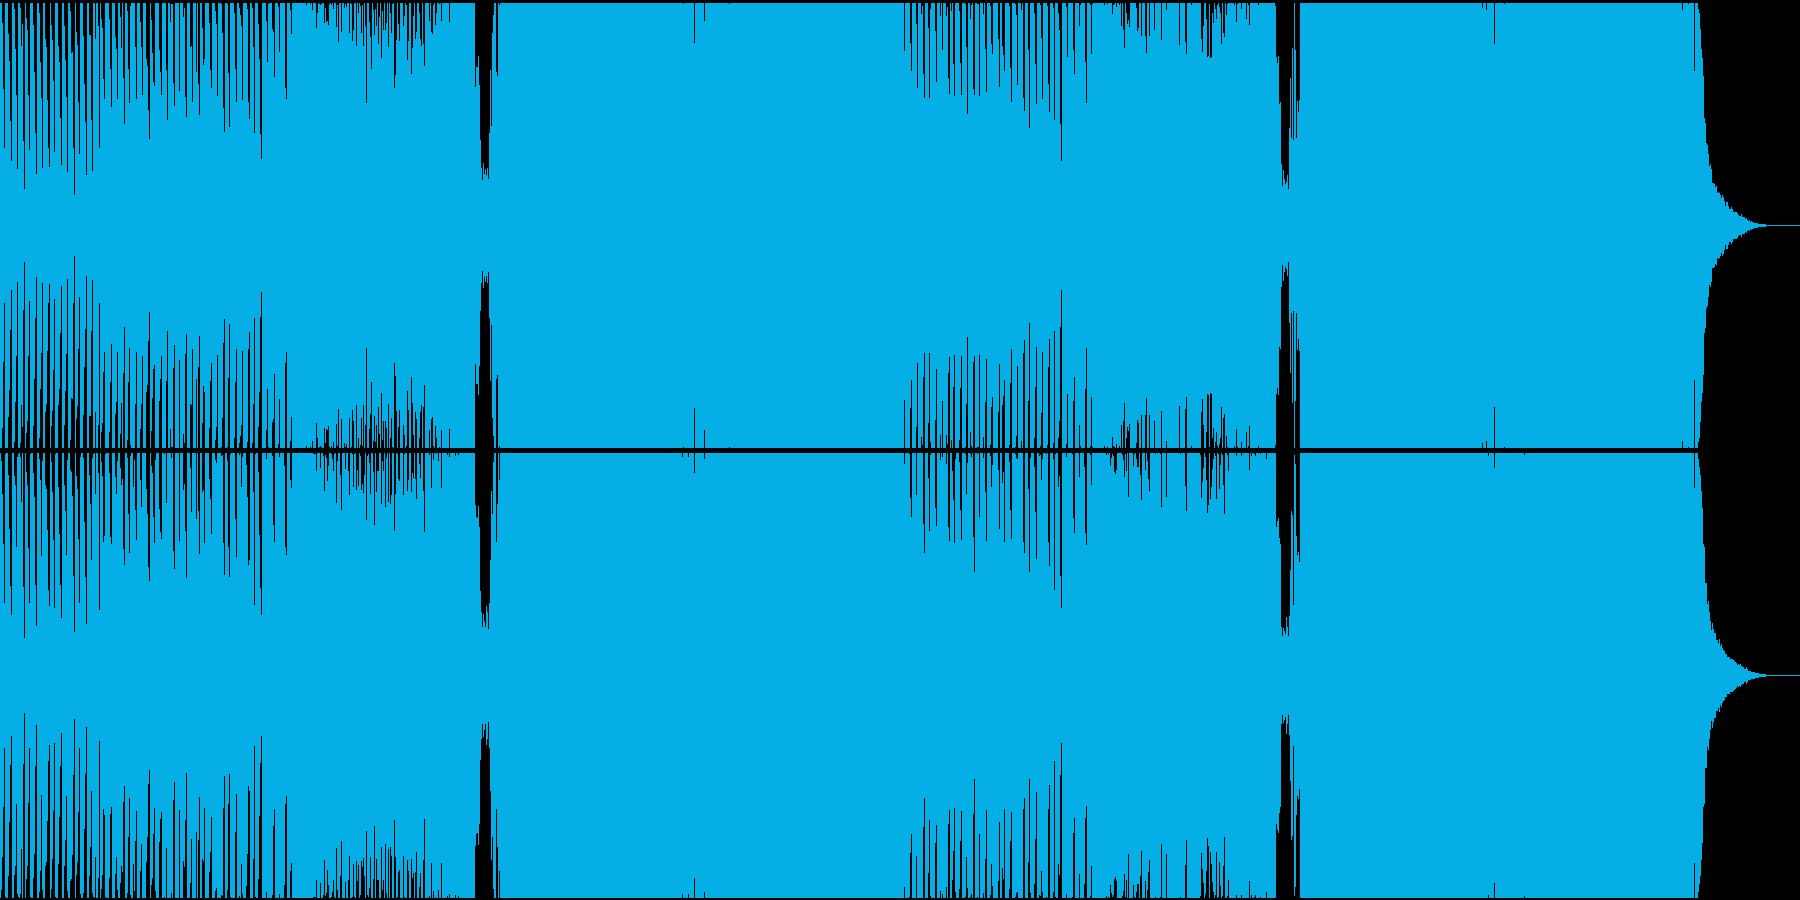 【女性ボーカル】かわいいトロピカルハウスの再生済みの波形